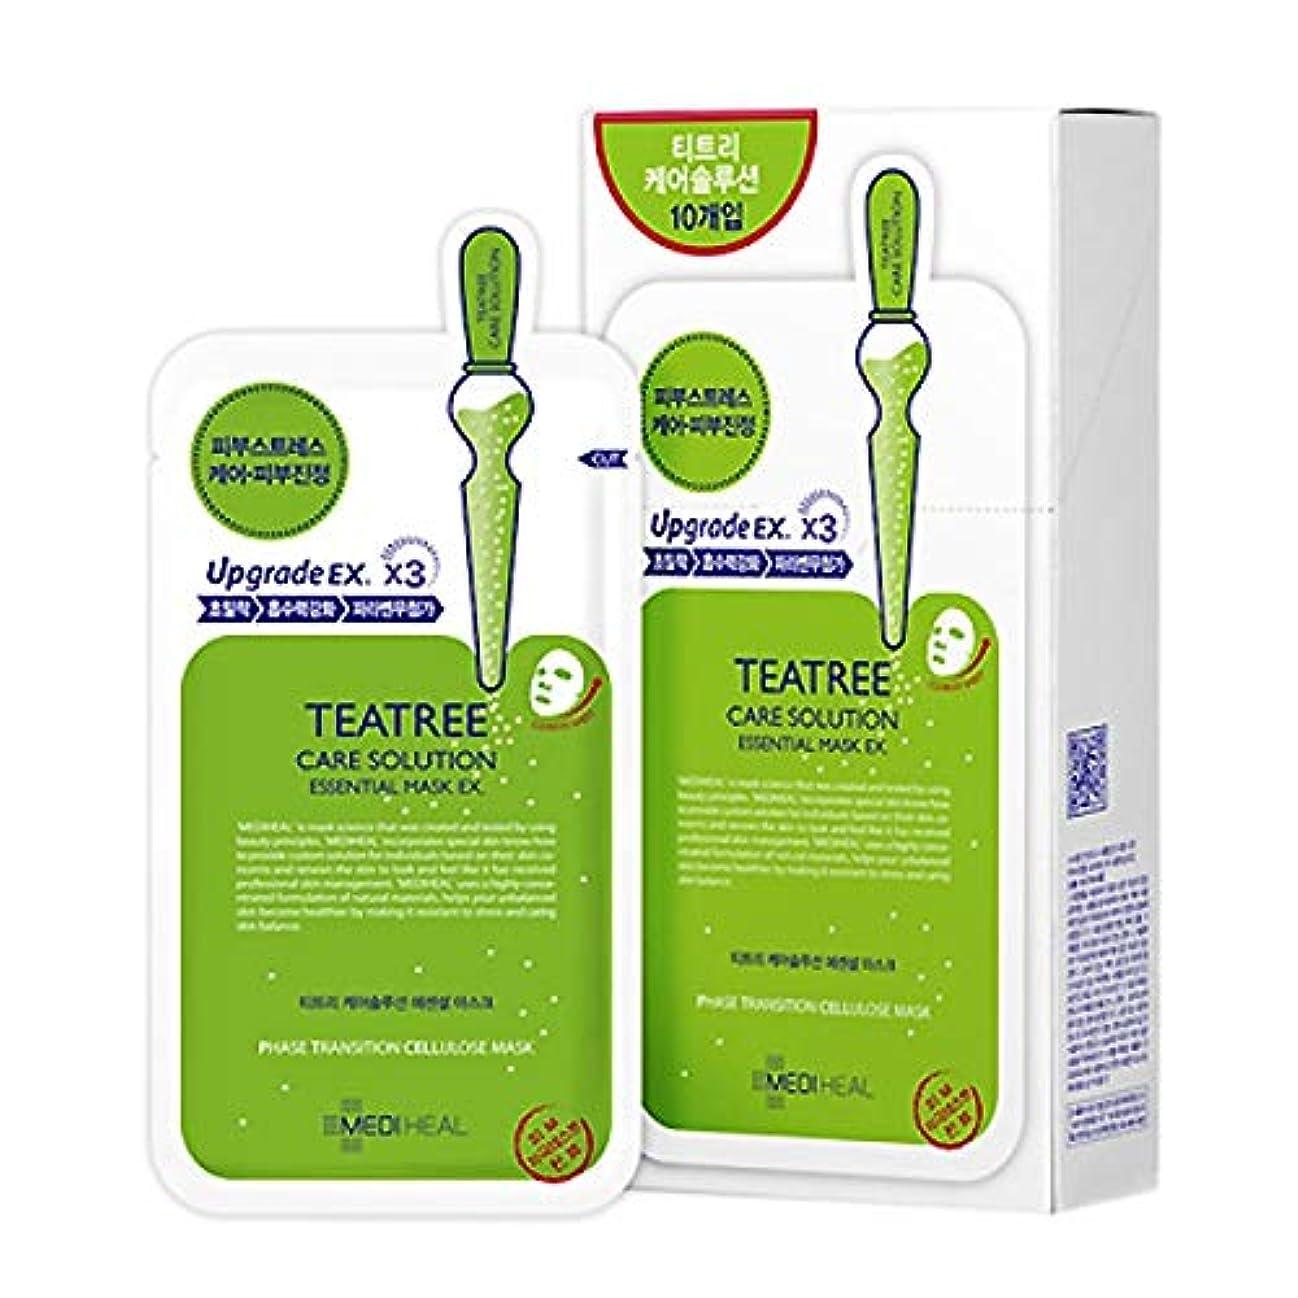 二年生かんがい電話をかけるKorea Mediheal Teatree Healing Essential Mask Pack 1box 10sheet